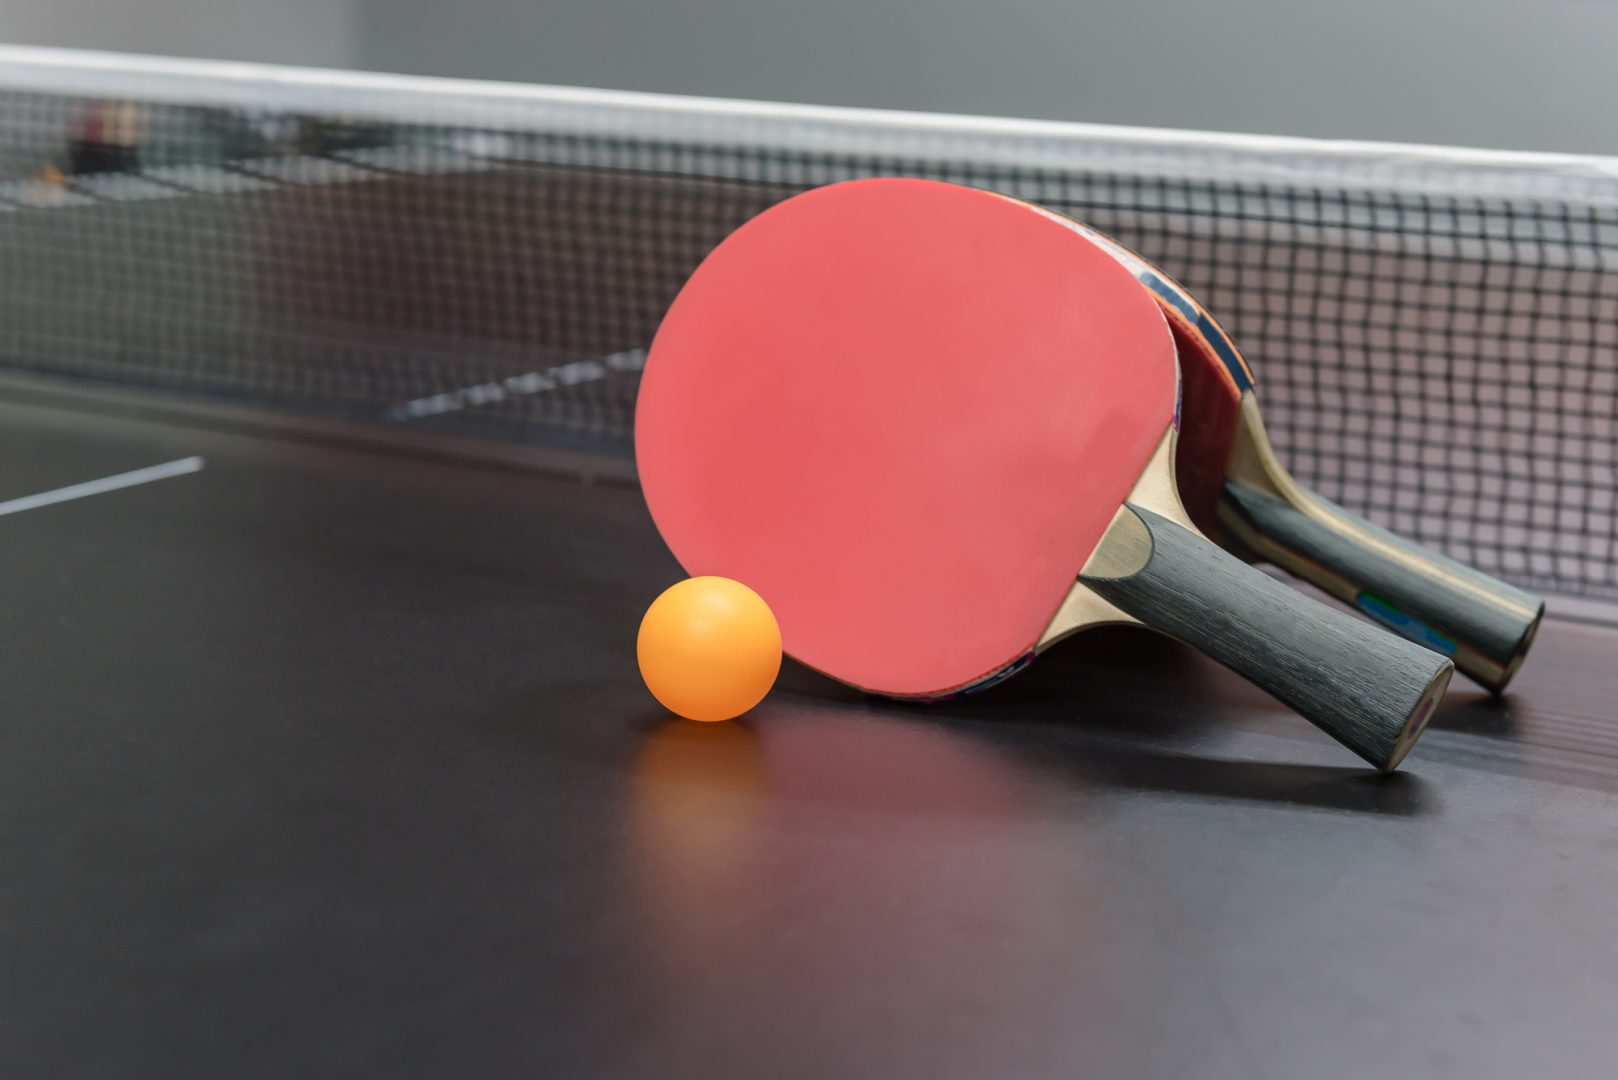 【卓球】セルロイドからプラスチックへ。プラスチックボールの特徴とは?